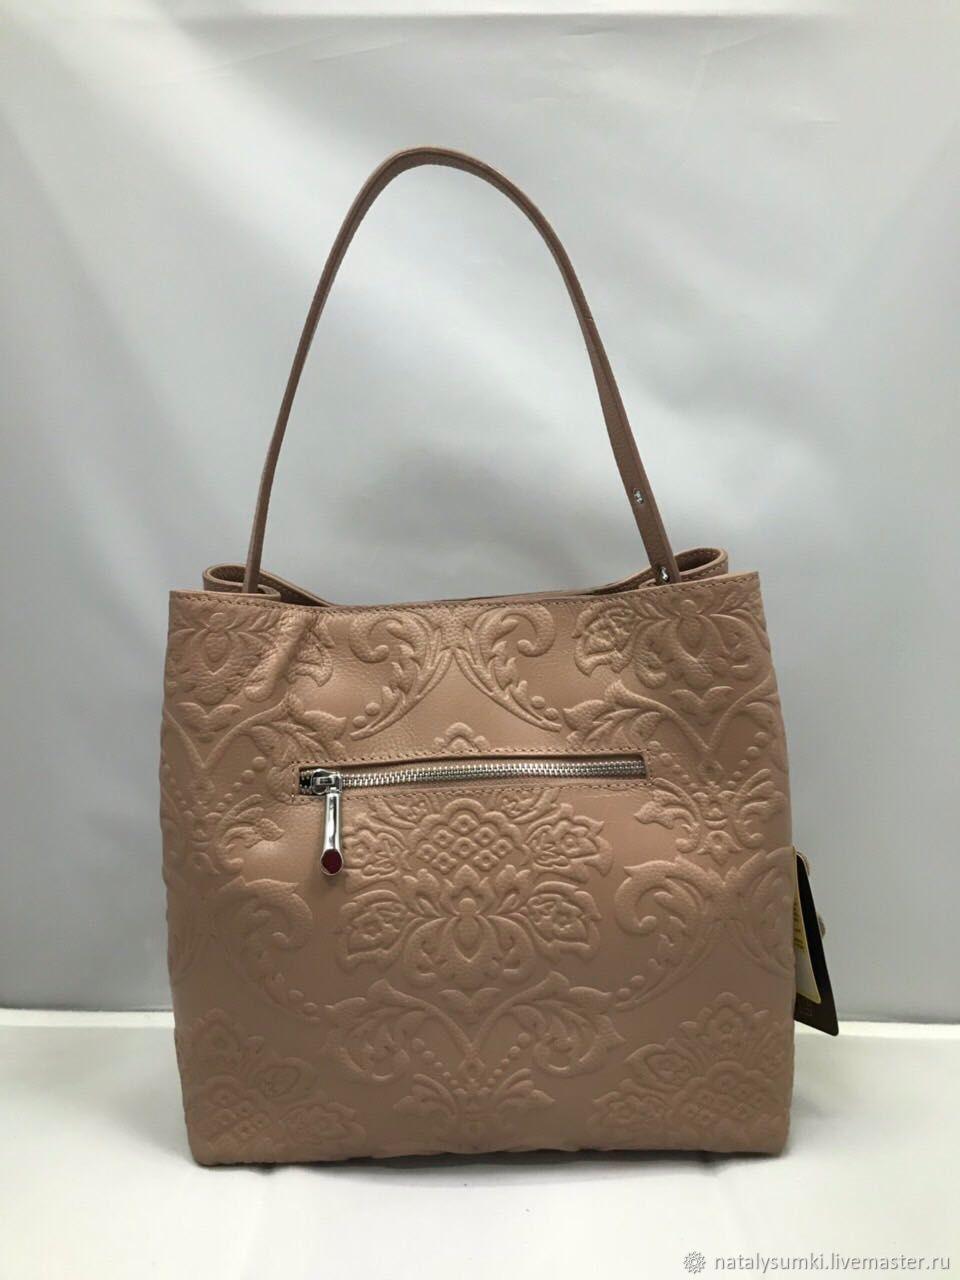 Женская кожаная сумка а03 с кошельком кремовая натуральная кожа ... 7429e3df9fa